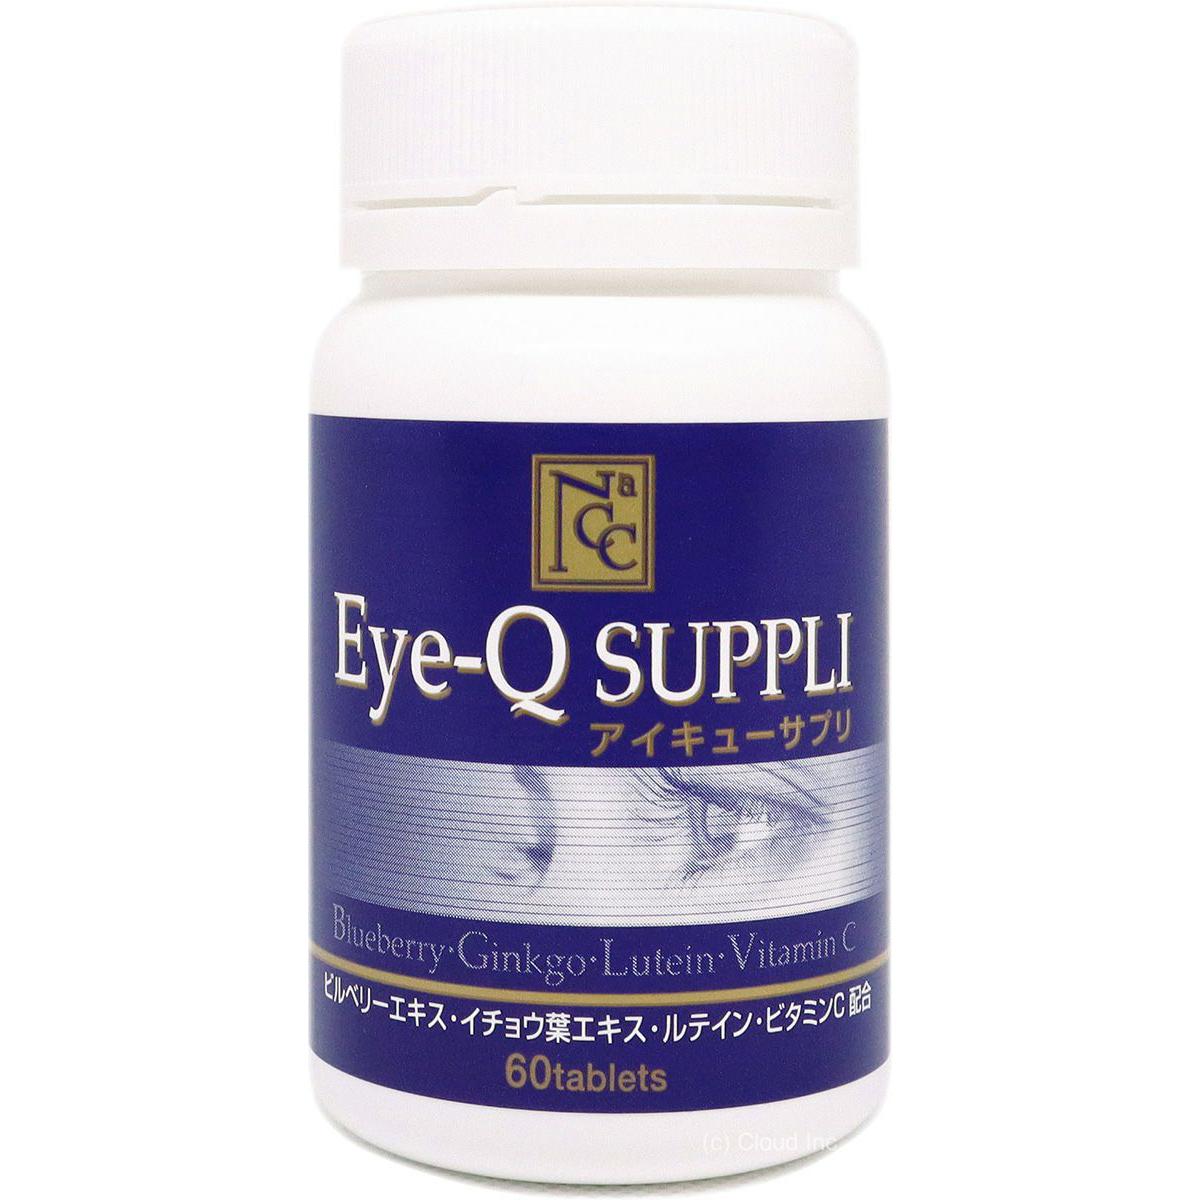 アイキュー サプリ Eye-Q SUPPLI NACC エヌエーシー 【 ルテイン ブルーベリー ビルベリー メグスリノキ イチョウ葉 サプリメント 】